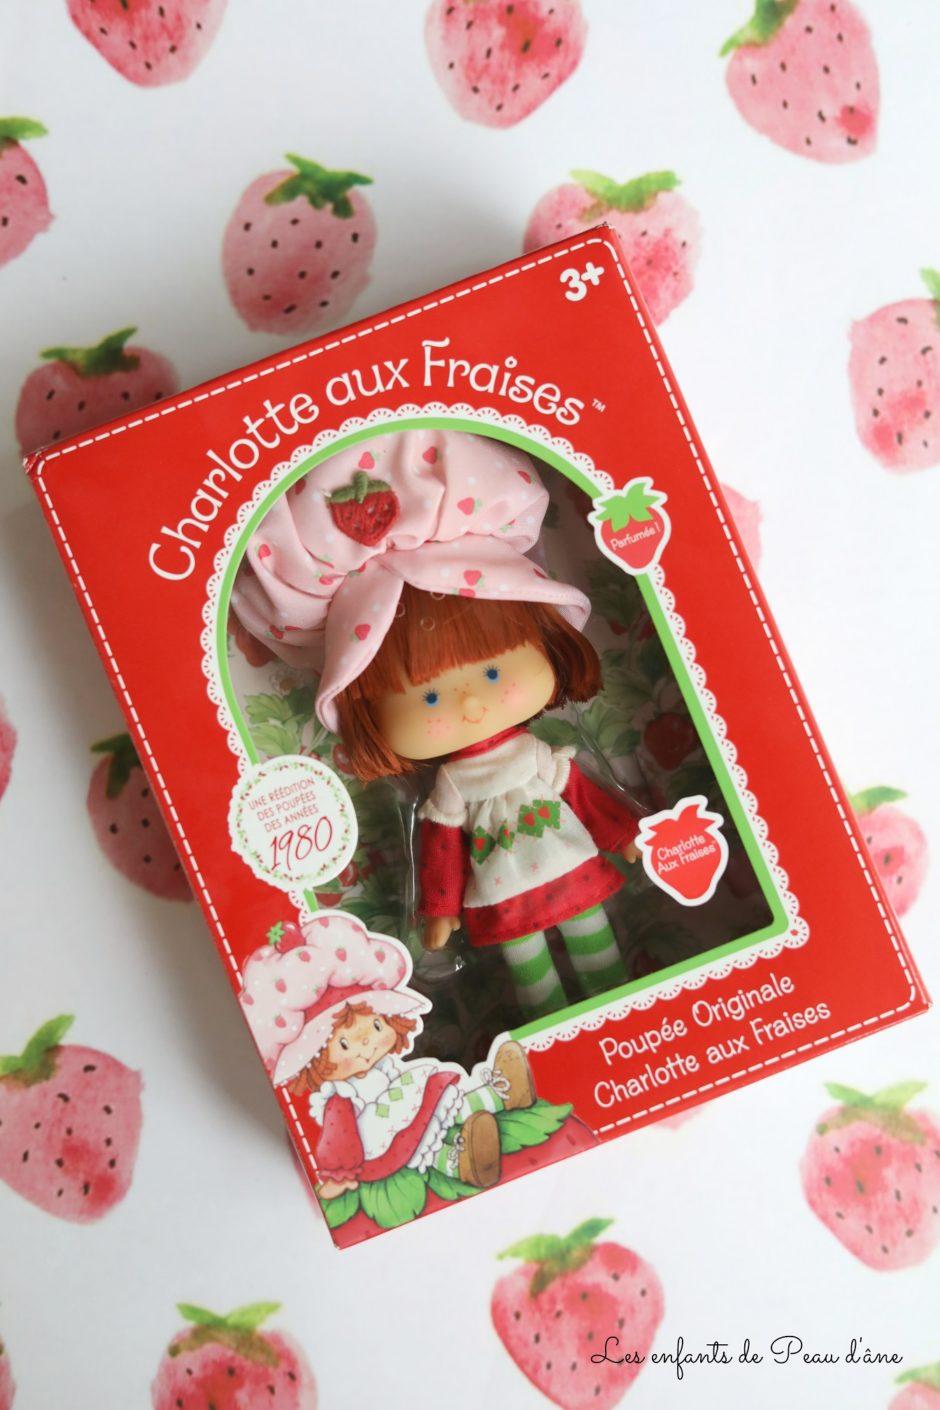 Charlotte aux fraises - Poupée